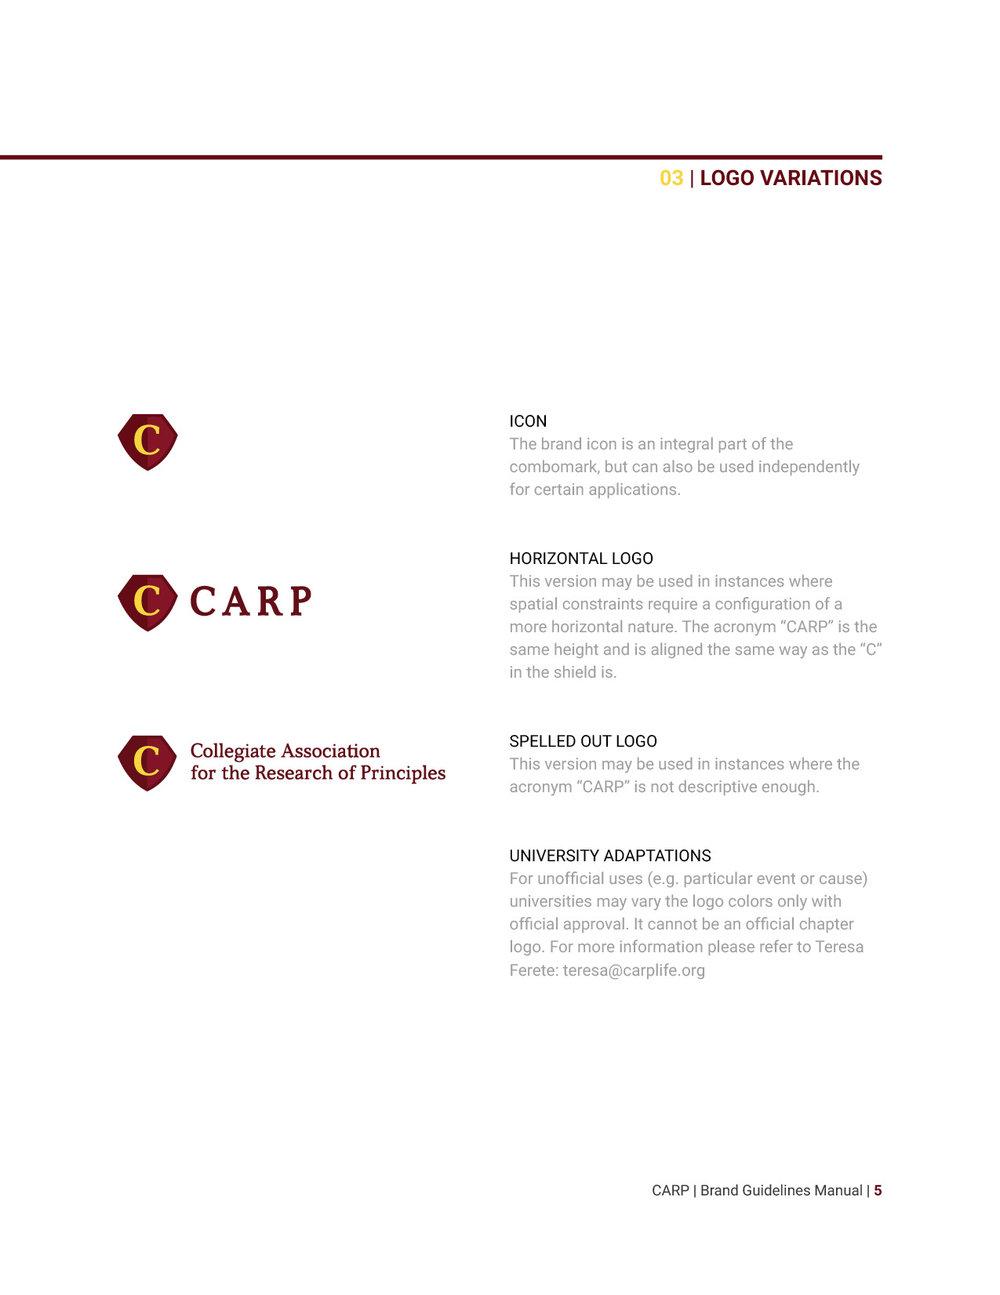 CARP_brand_guidelines_15.jpg